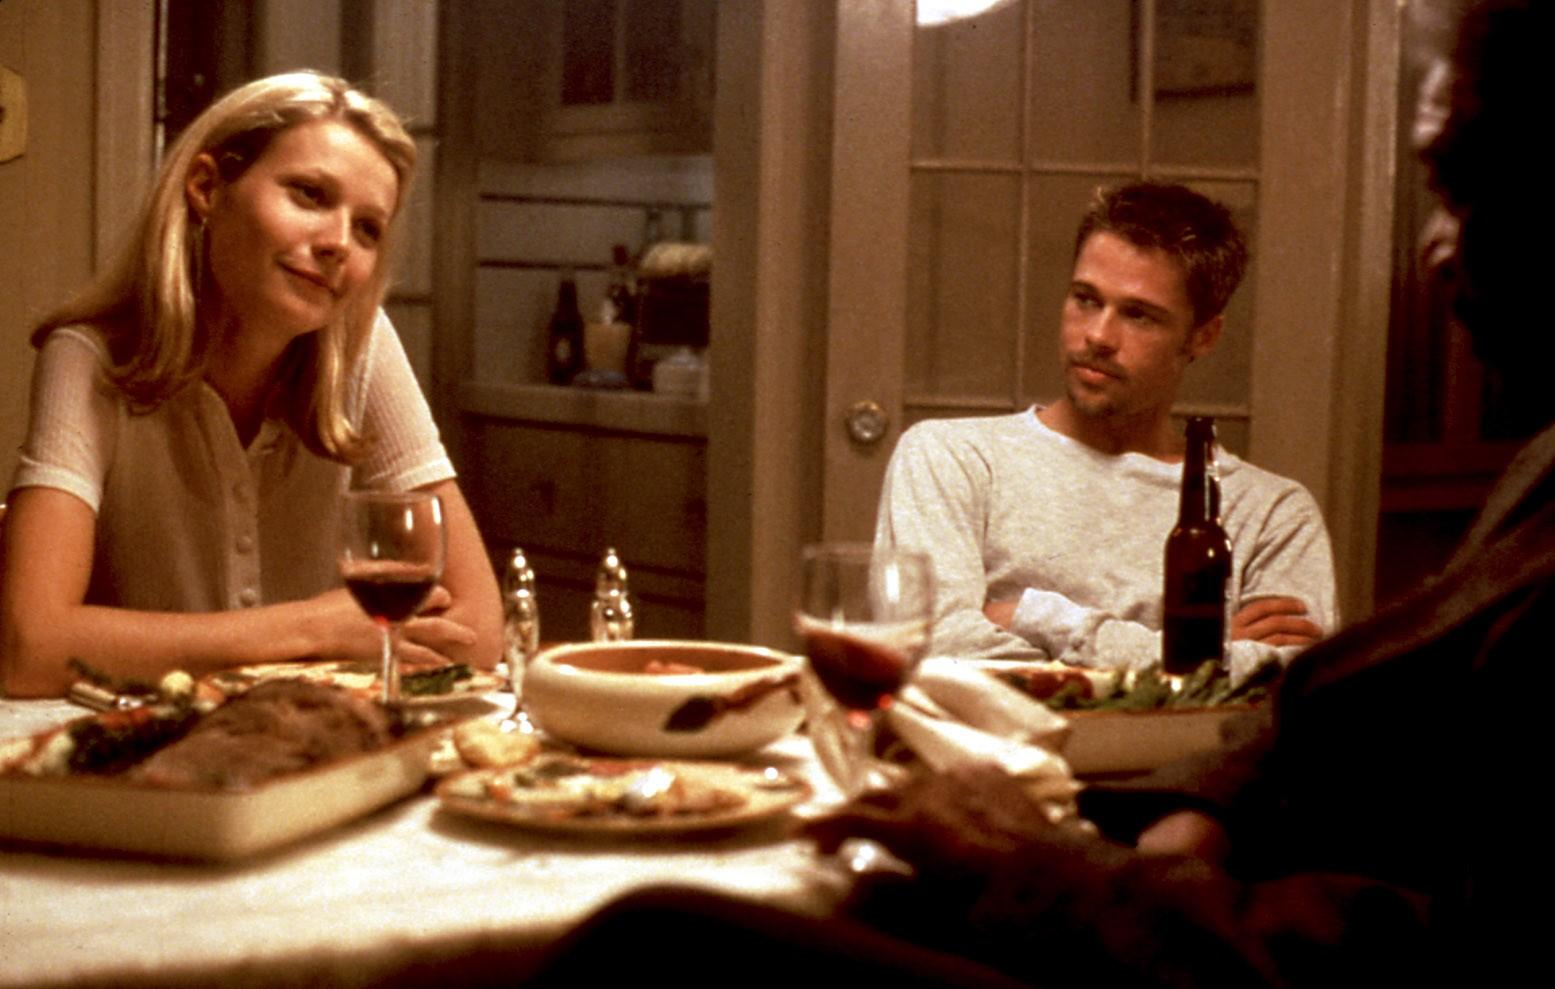 Gwyneth Paltrow and Brad Pitt, Seven